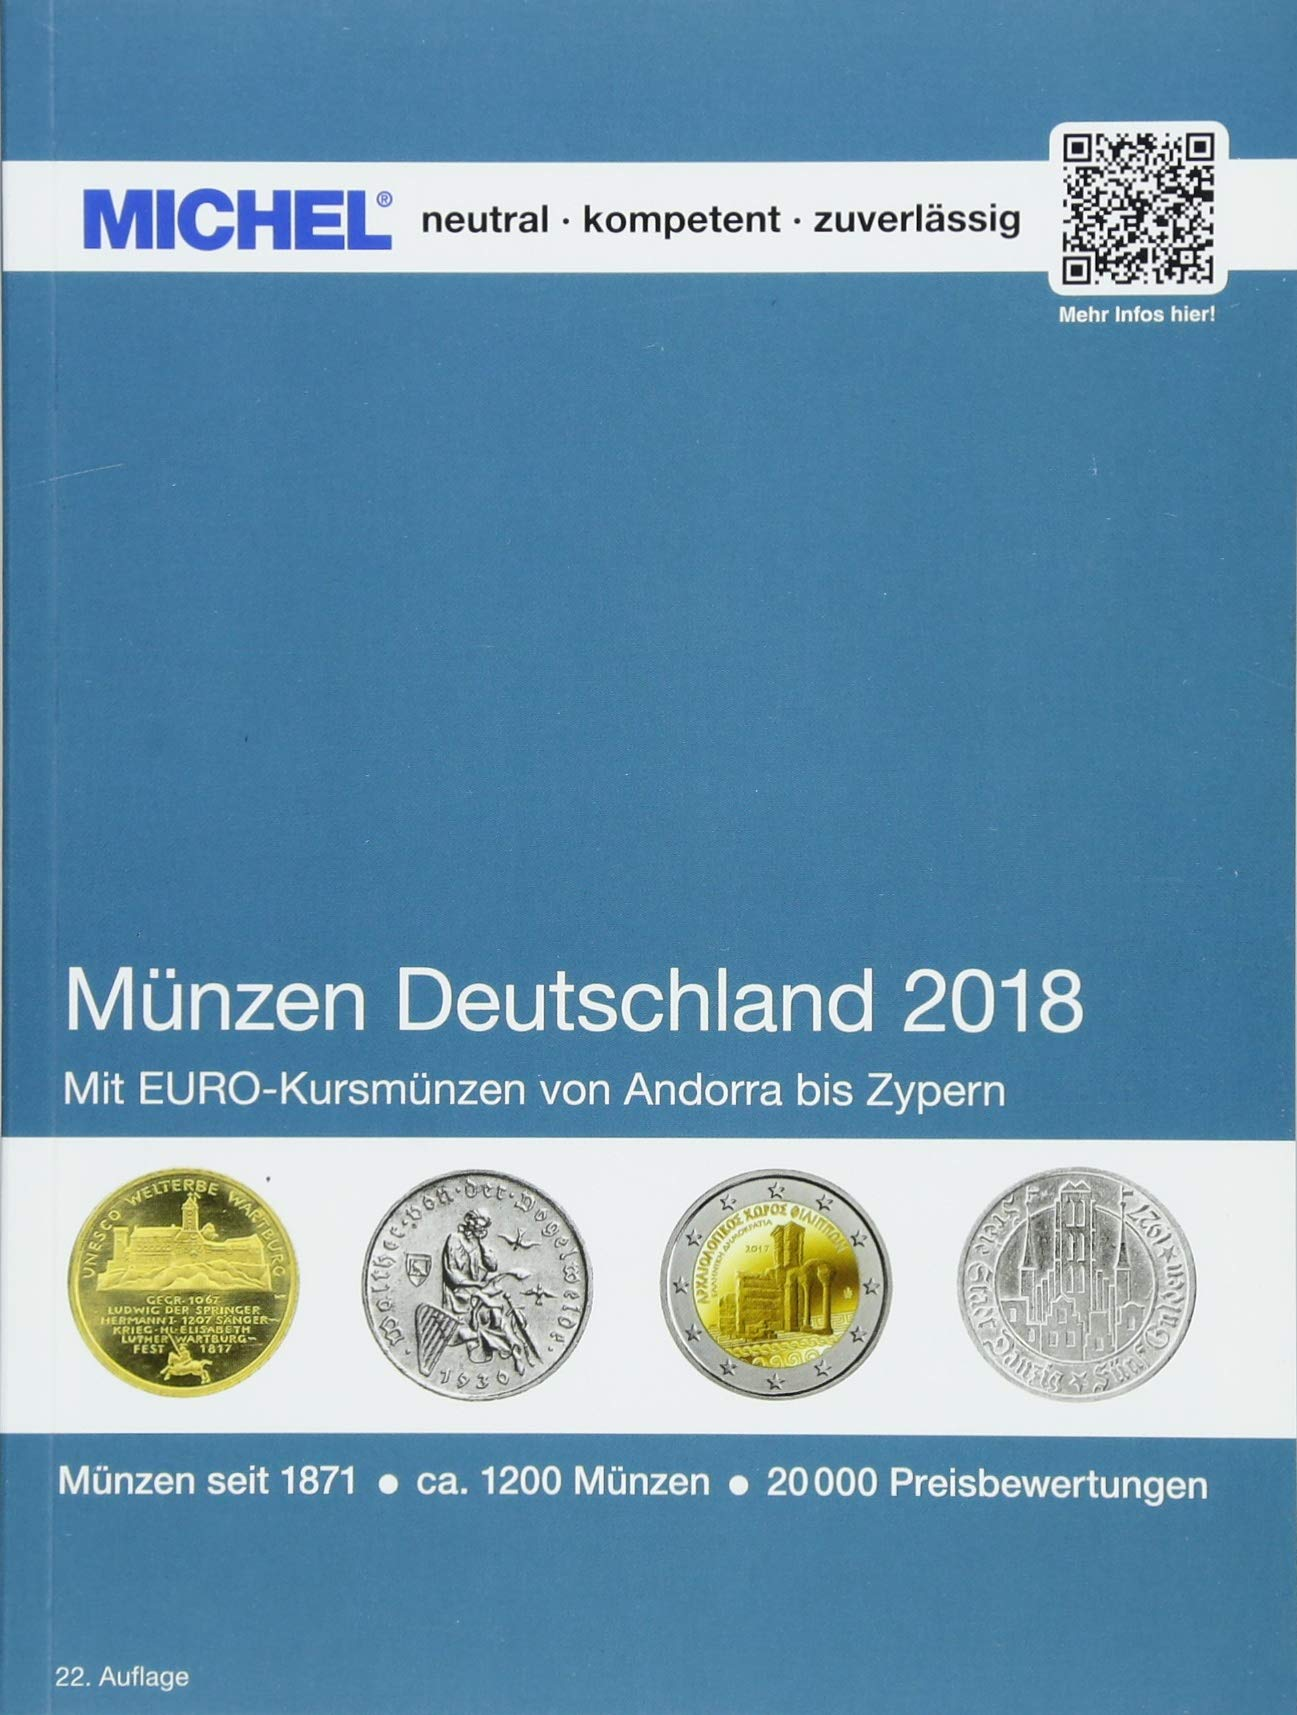 Münzen Deutschland 2018 Taschenbuch – 2. März 2018 MICHEL-Redaktion Münzen Deutschland 2018 Schwaneberger 3954022303